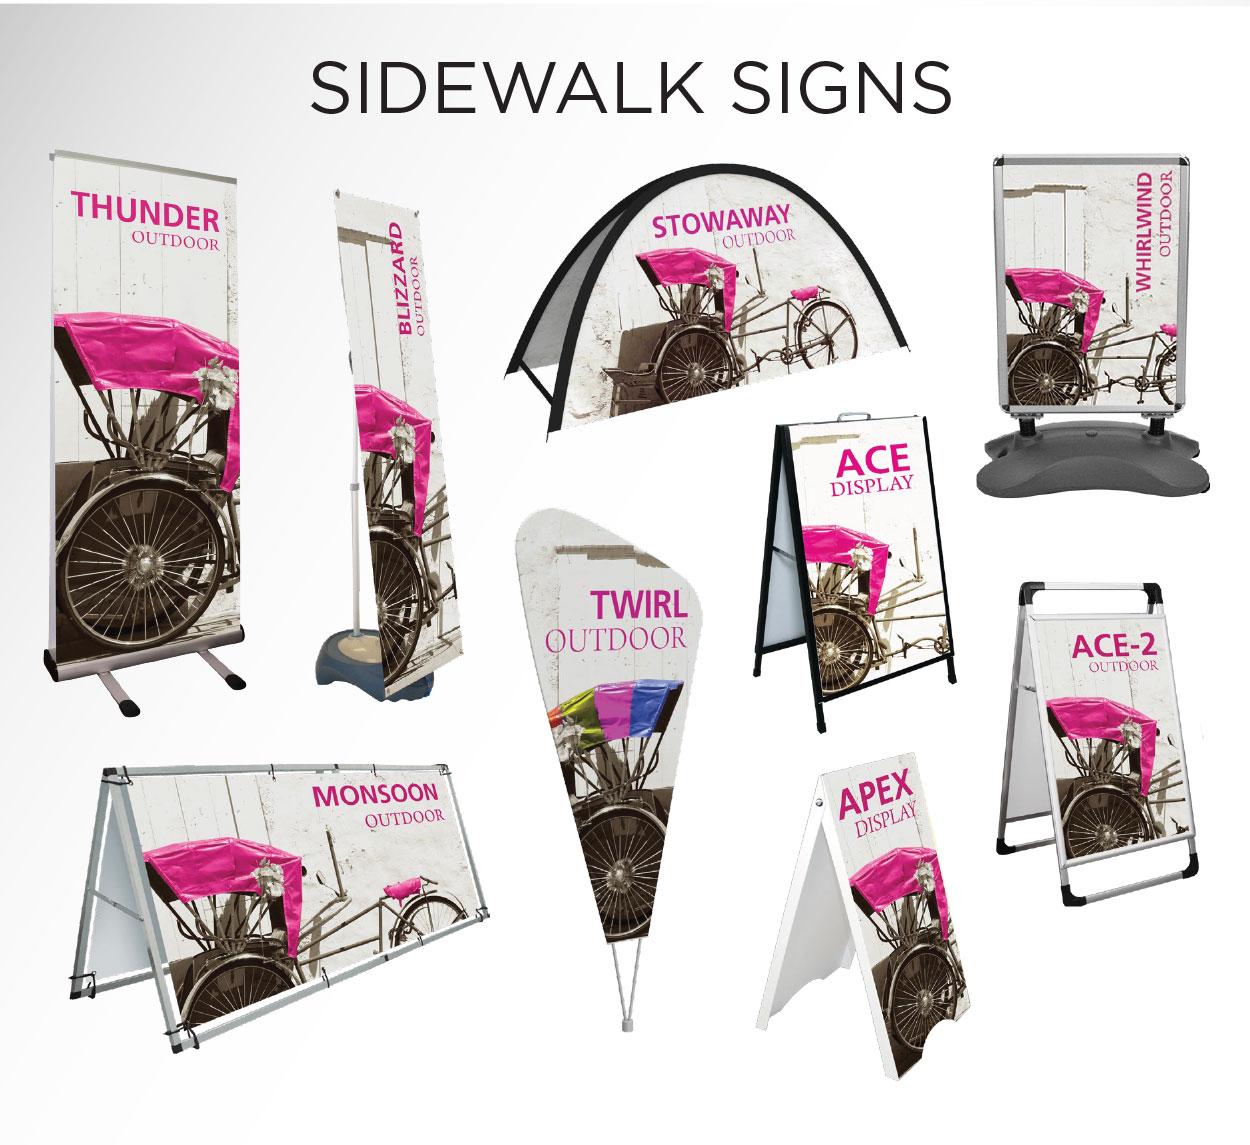 Sidewalk Signs - COVID-19 Signage